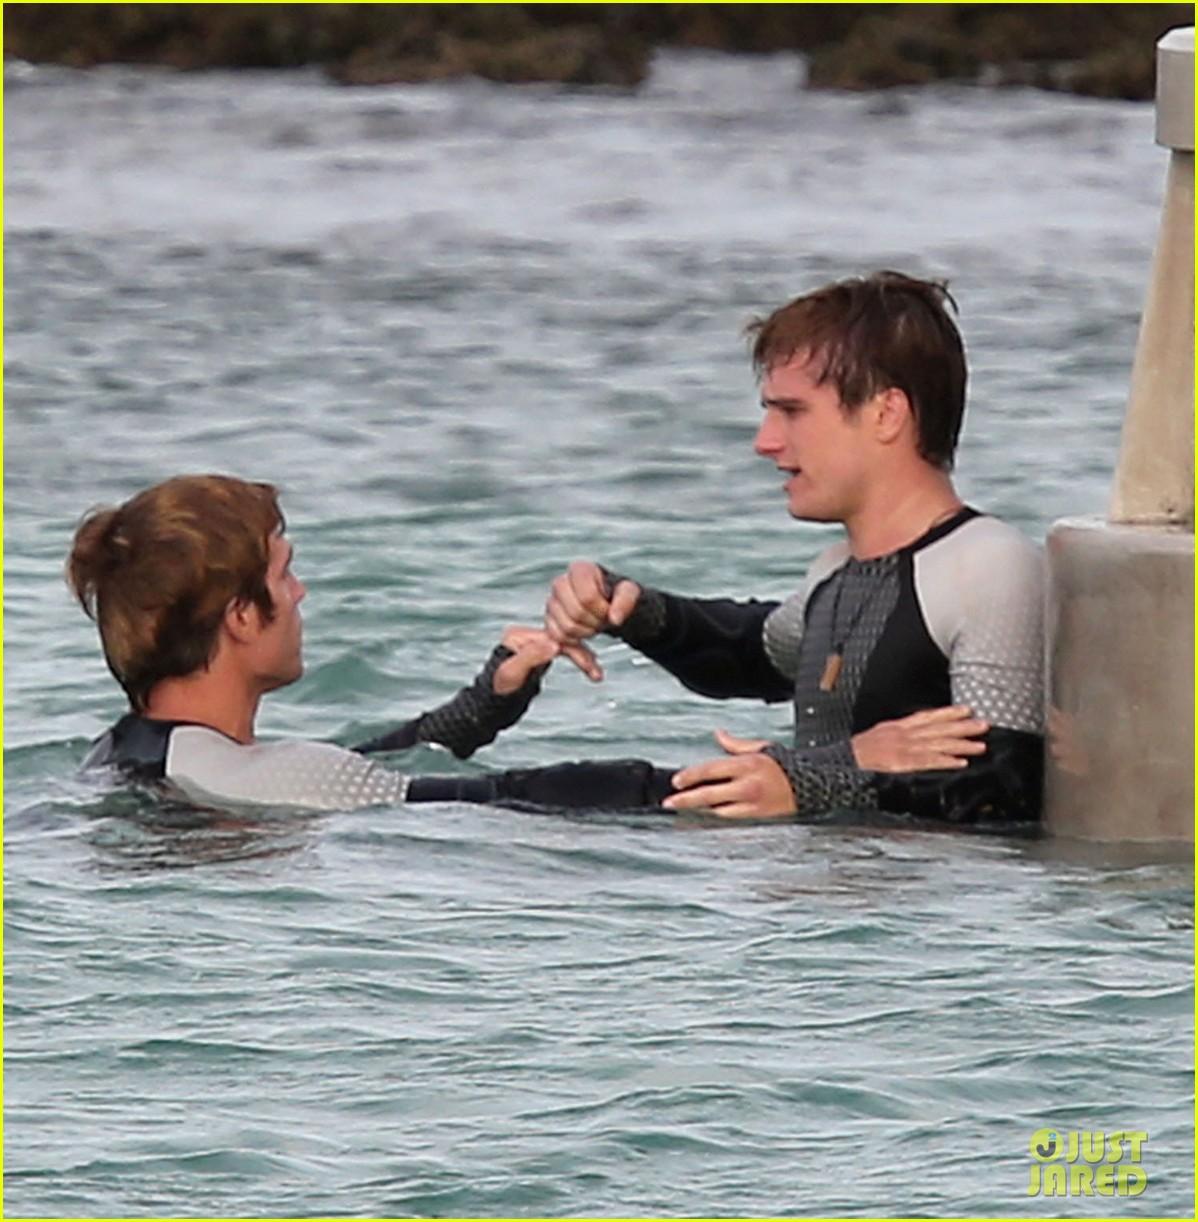 Nouvelles Photos Du Tournage de Hunger Games 2 : Catching Fire / L'Embrasement !